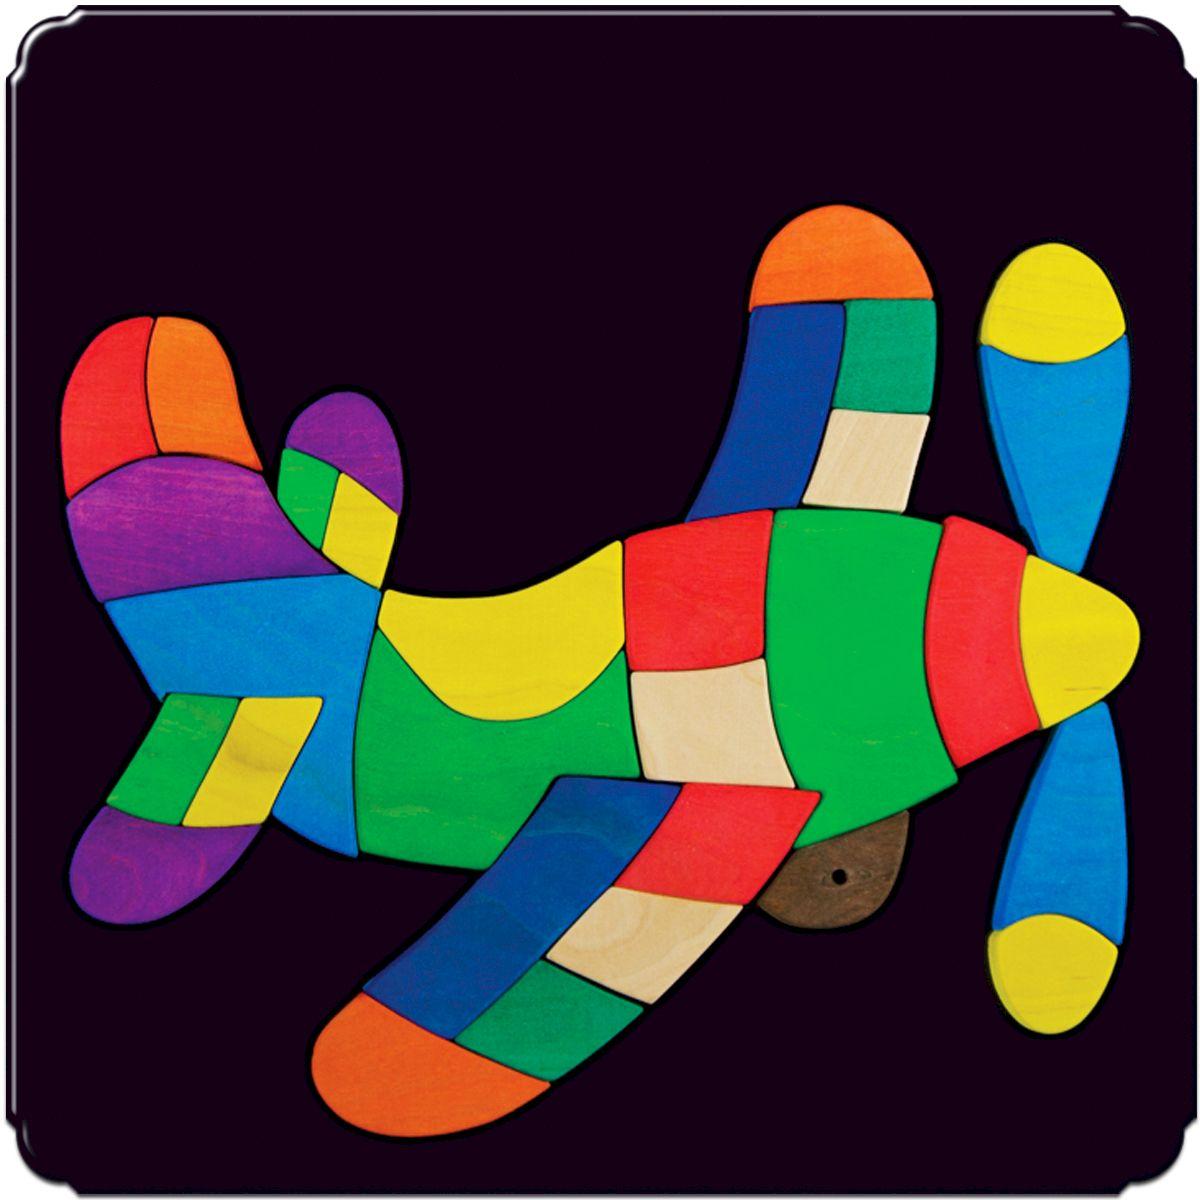 Деревяшкино Пазл для малышей Самолет119Красочная игрушка-головоломка из натурального дерева на магнитной доске. Незаменима в машине, поездке – в любом месте, где Вашему малышу удобно играть. Удивительный мир ярких красок и фантазий везде с Вами! Каждая деталька мозаики крепко держится на магнитной доске. Ваш юный фантазер сможет не только решить сложную задачу: собрать головоломку как на картинке, но и, используя фантазию, сможет создать уникальные и неповторимые композиции. Объединяйте несколько наборов – будет интереснее! Все детали выполнены из натурального дерева, окрашены безопасной пищевой краской. Деревянные игрушки дают возможность ощутить структуру, плотность, вес, запах материала. Ребенок получает правдивую информацию об окружающем мире. Развивает: мелкую моторику, абстрактное и логическое мышление, понимание цветов, геометрических форм. Методические рекомендации: объясните малышу почему детальки держатся на доске. Объясните как правильно собрать мозаику, но не помогайте в трудных местах. Попросите ребенка...